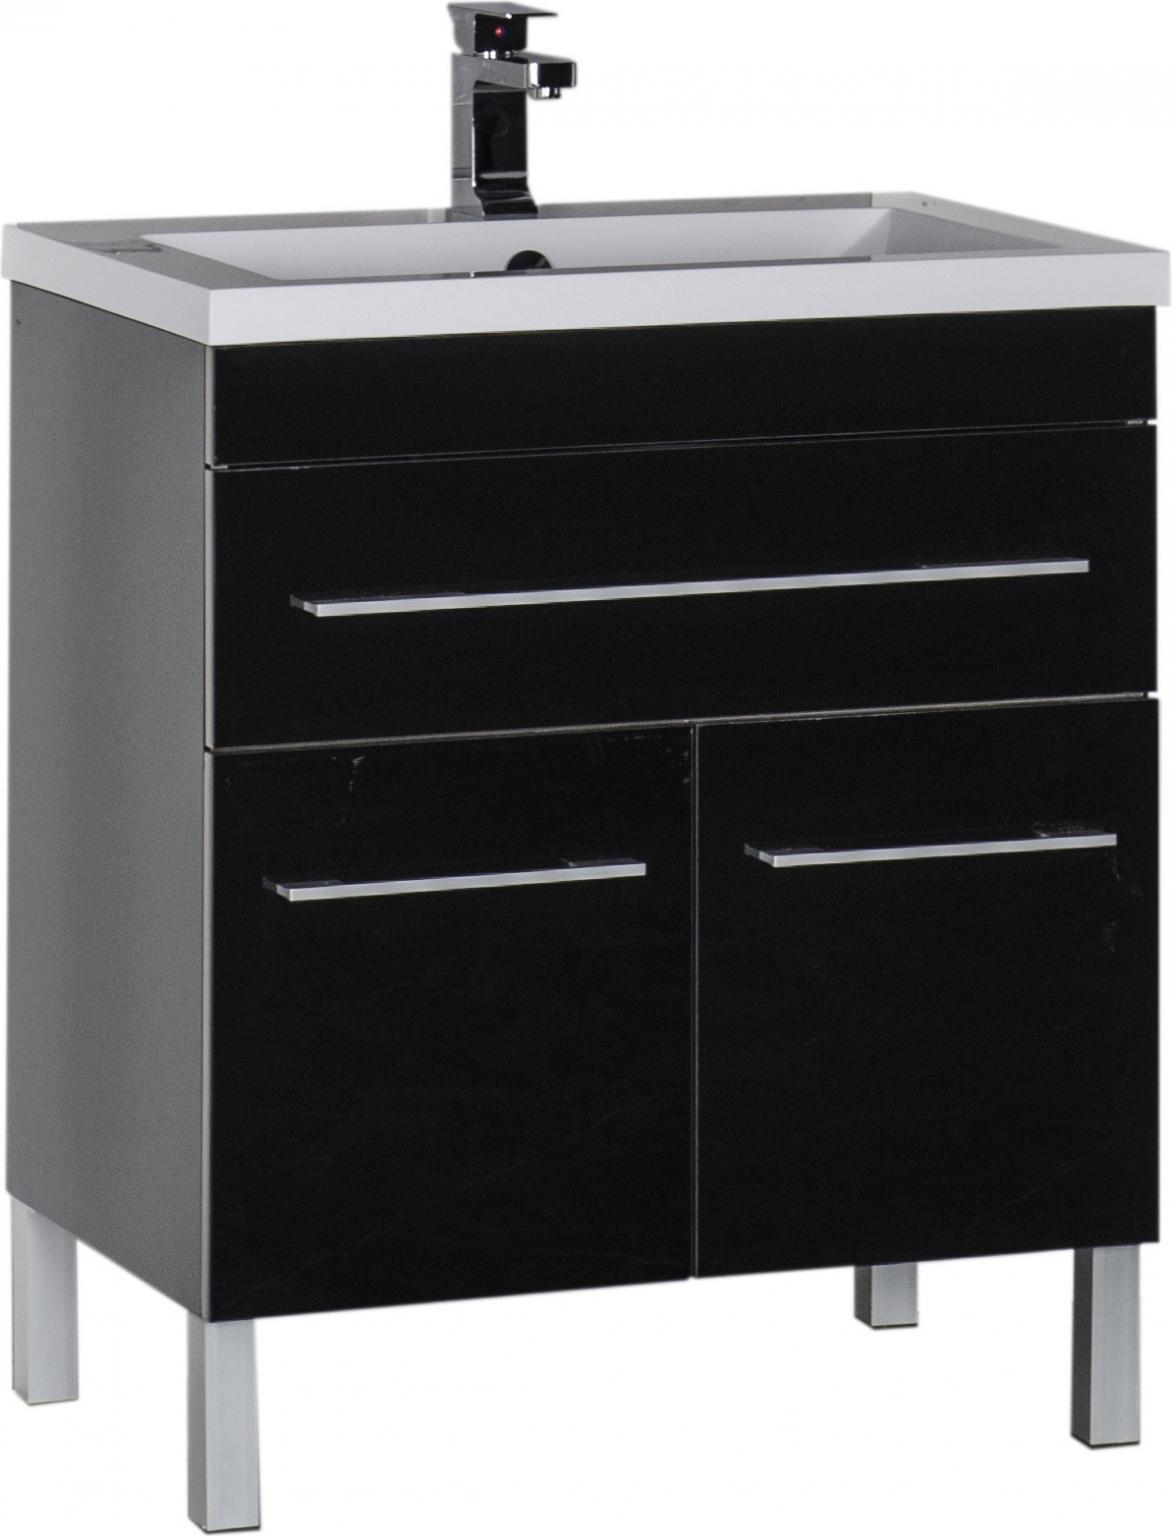 Тумба для комплекта Aquanet Верона 75 черная, 1 ящик, 2 двери